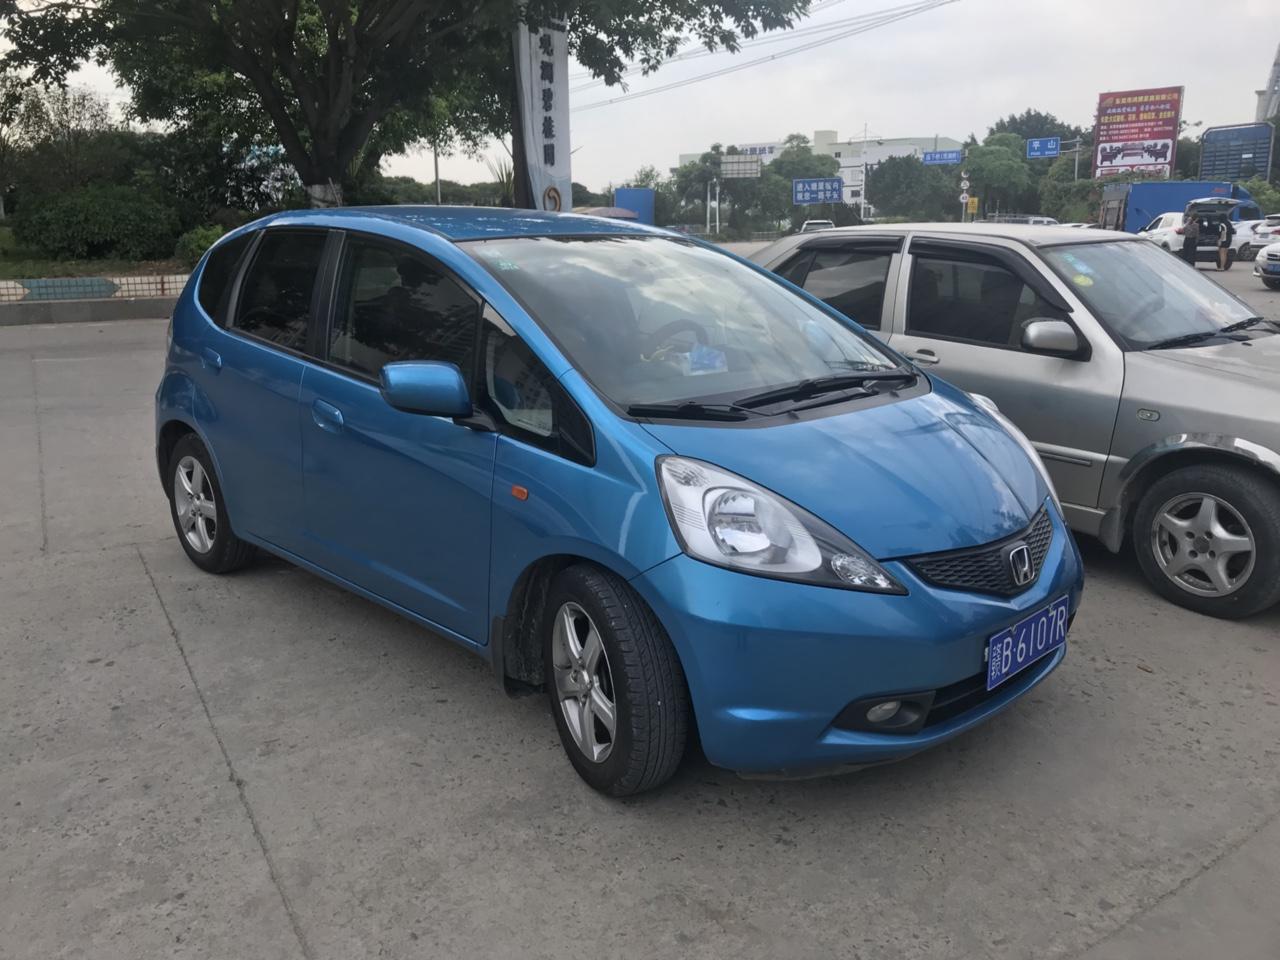 车在深圳  在深圳的老乡欢迎来看车 很少回家  09年12月份车 8万公里  二代本田飞度 1....